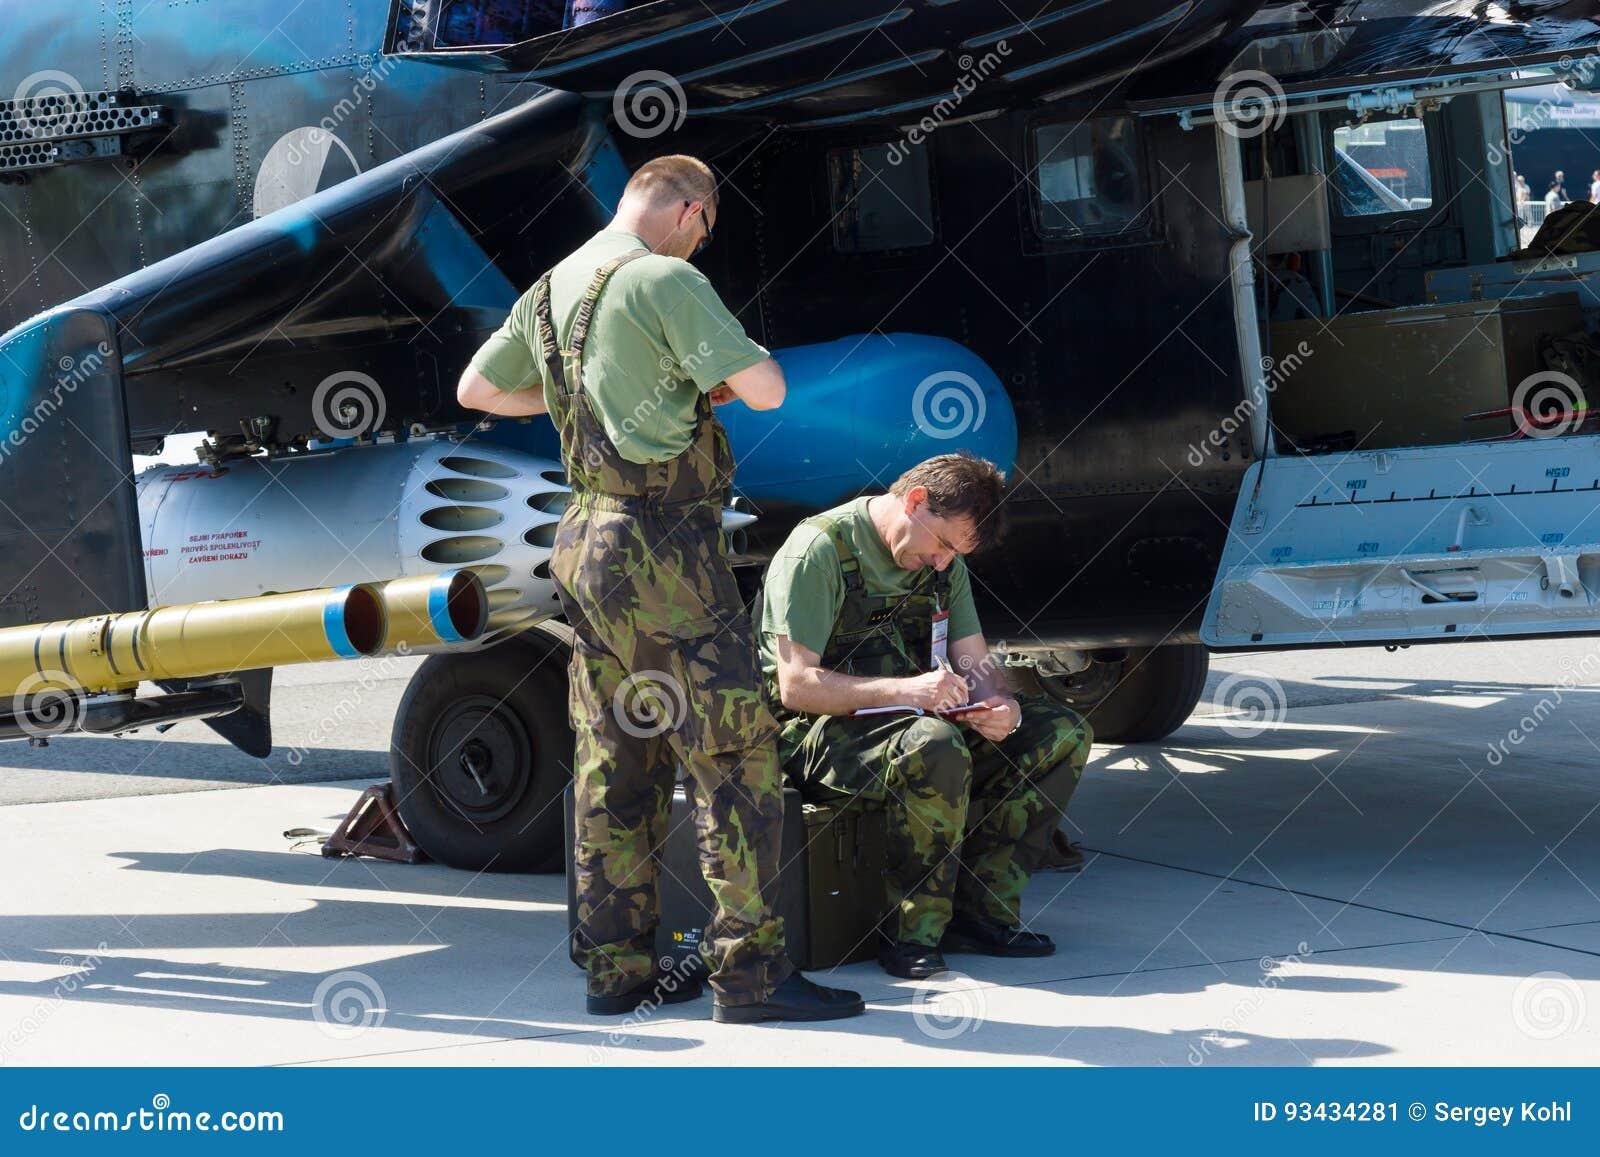 Οι τεχνικοί επιθεωρούν το επιθετικό ελικόπτερο με τις ικανότητες Mil mi-24 μεταφορών οπίσθιες